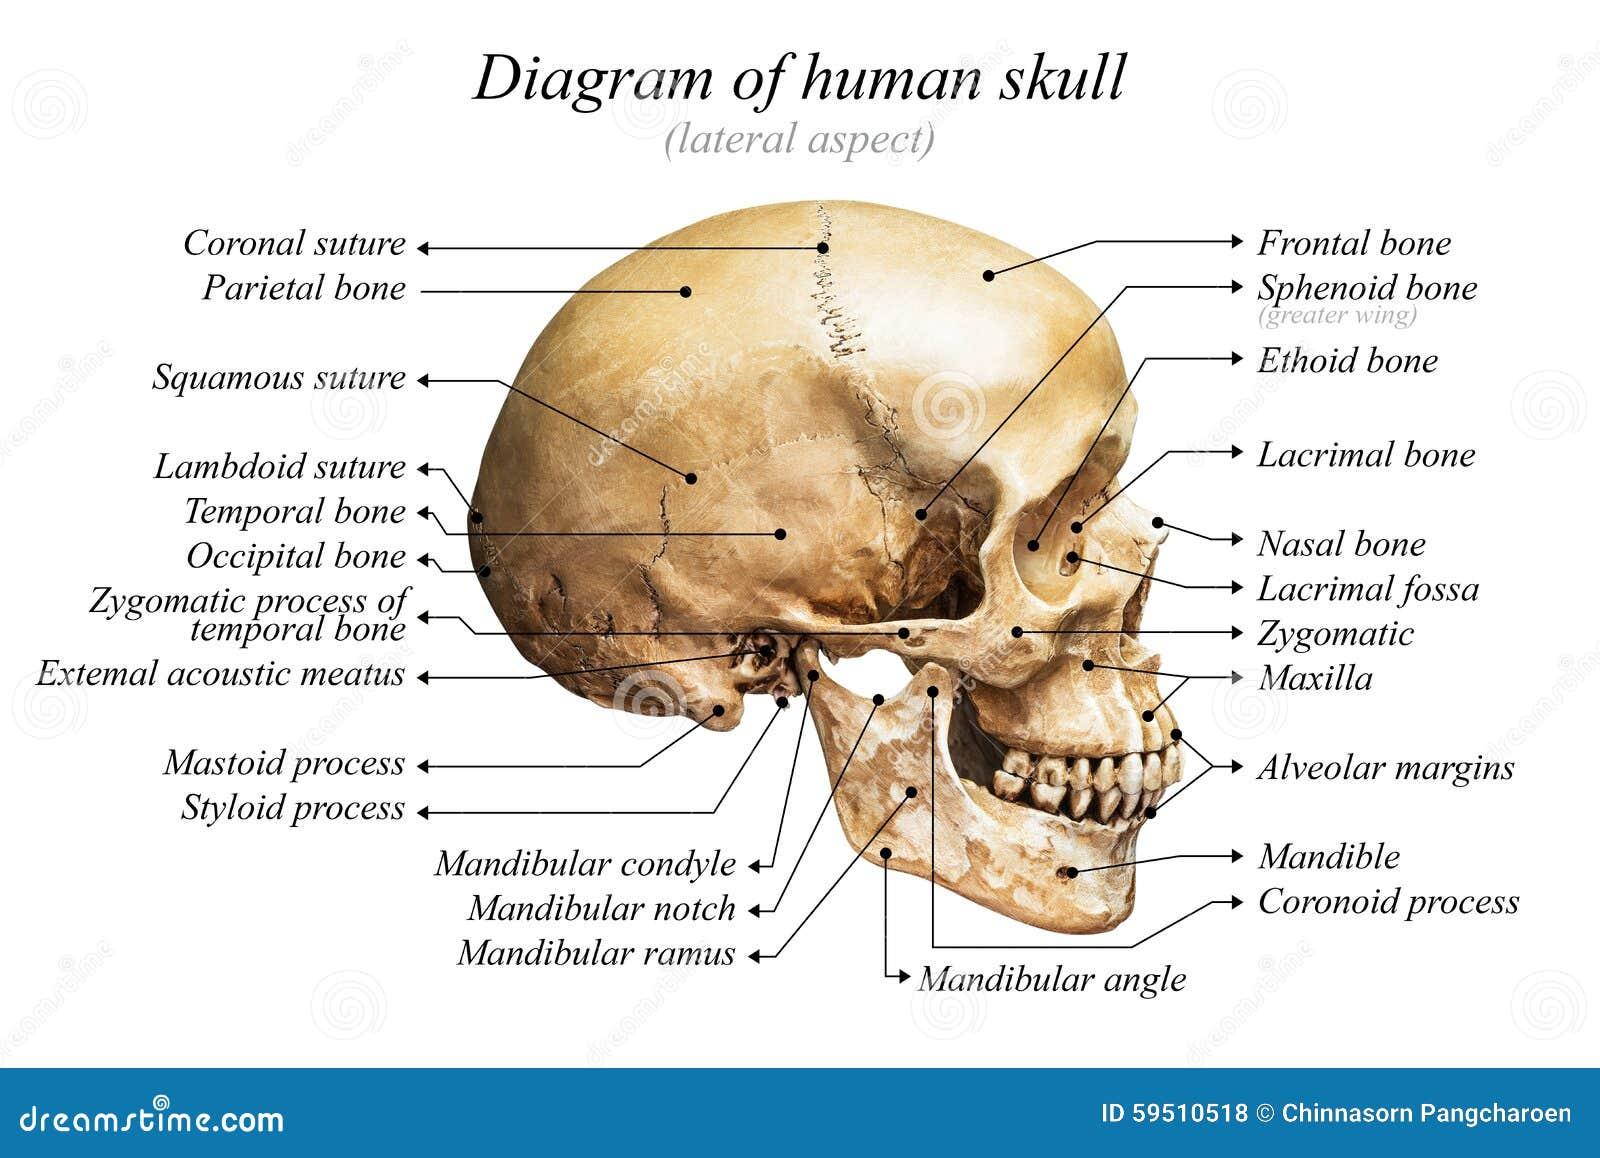 人的头骨图